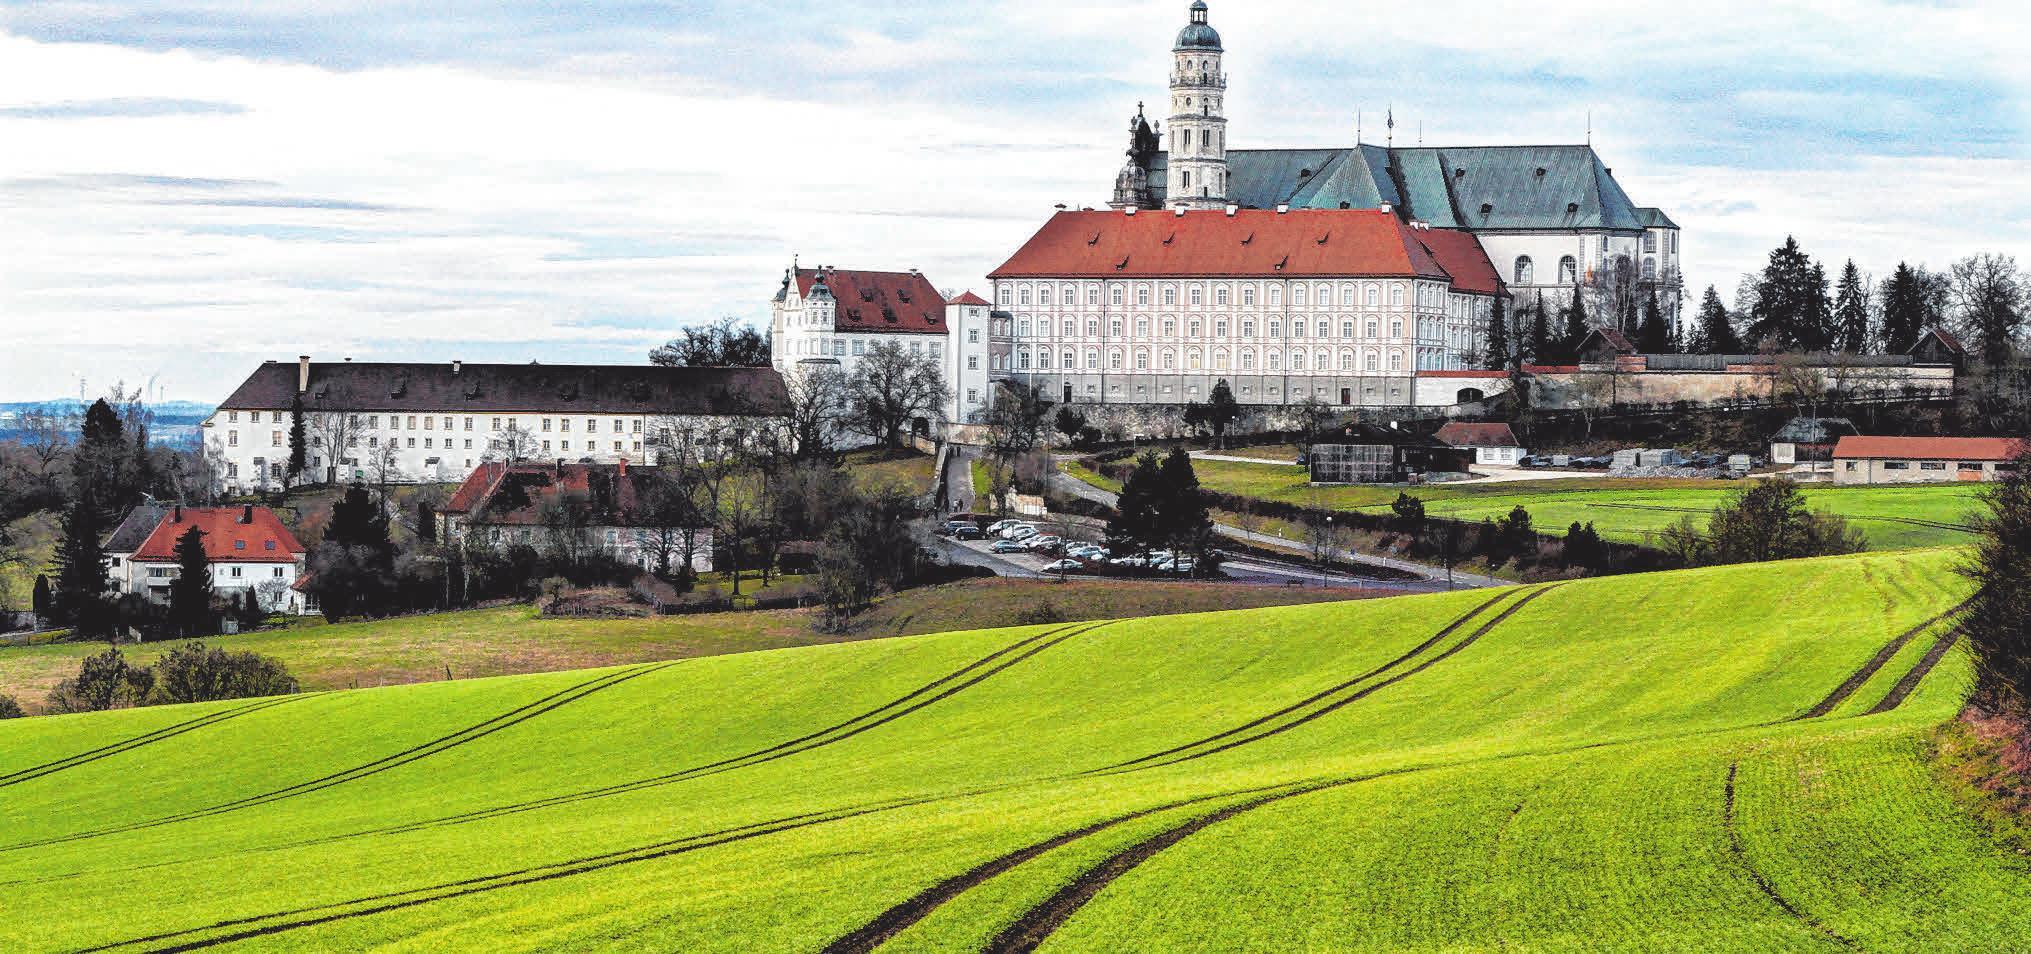 Das Kloster Neresheim liegt auf einem Hügel oberhalb der Stadt. Rund um die Abtei gibt es eine Vielzahl von Wanderwegen. Im Klosterhospiz kann man einkehren und es sich gut gehen lassen.